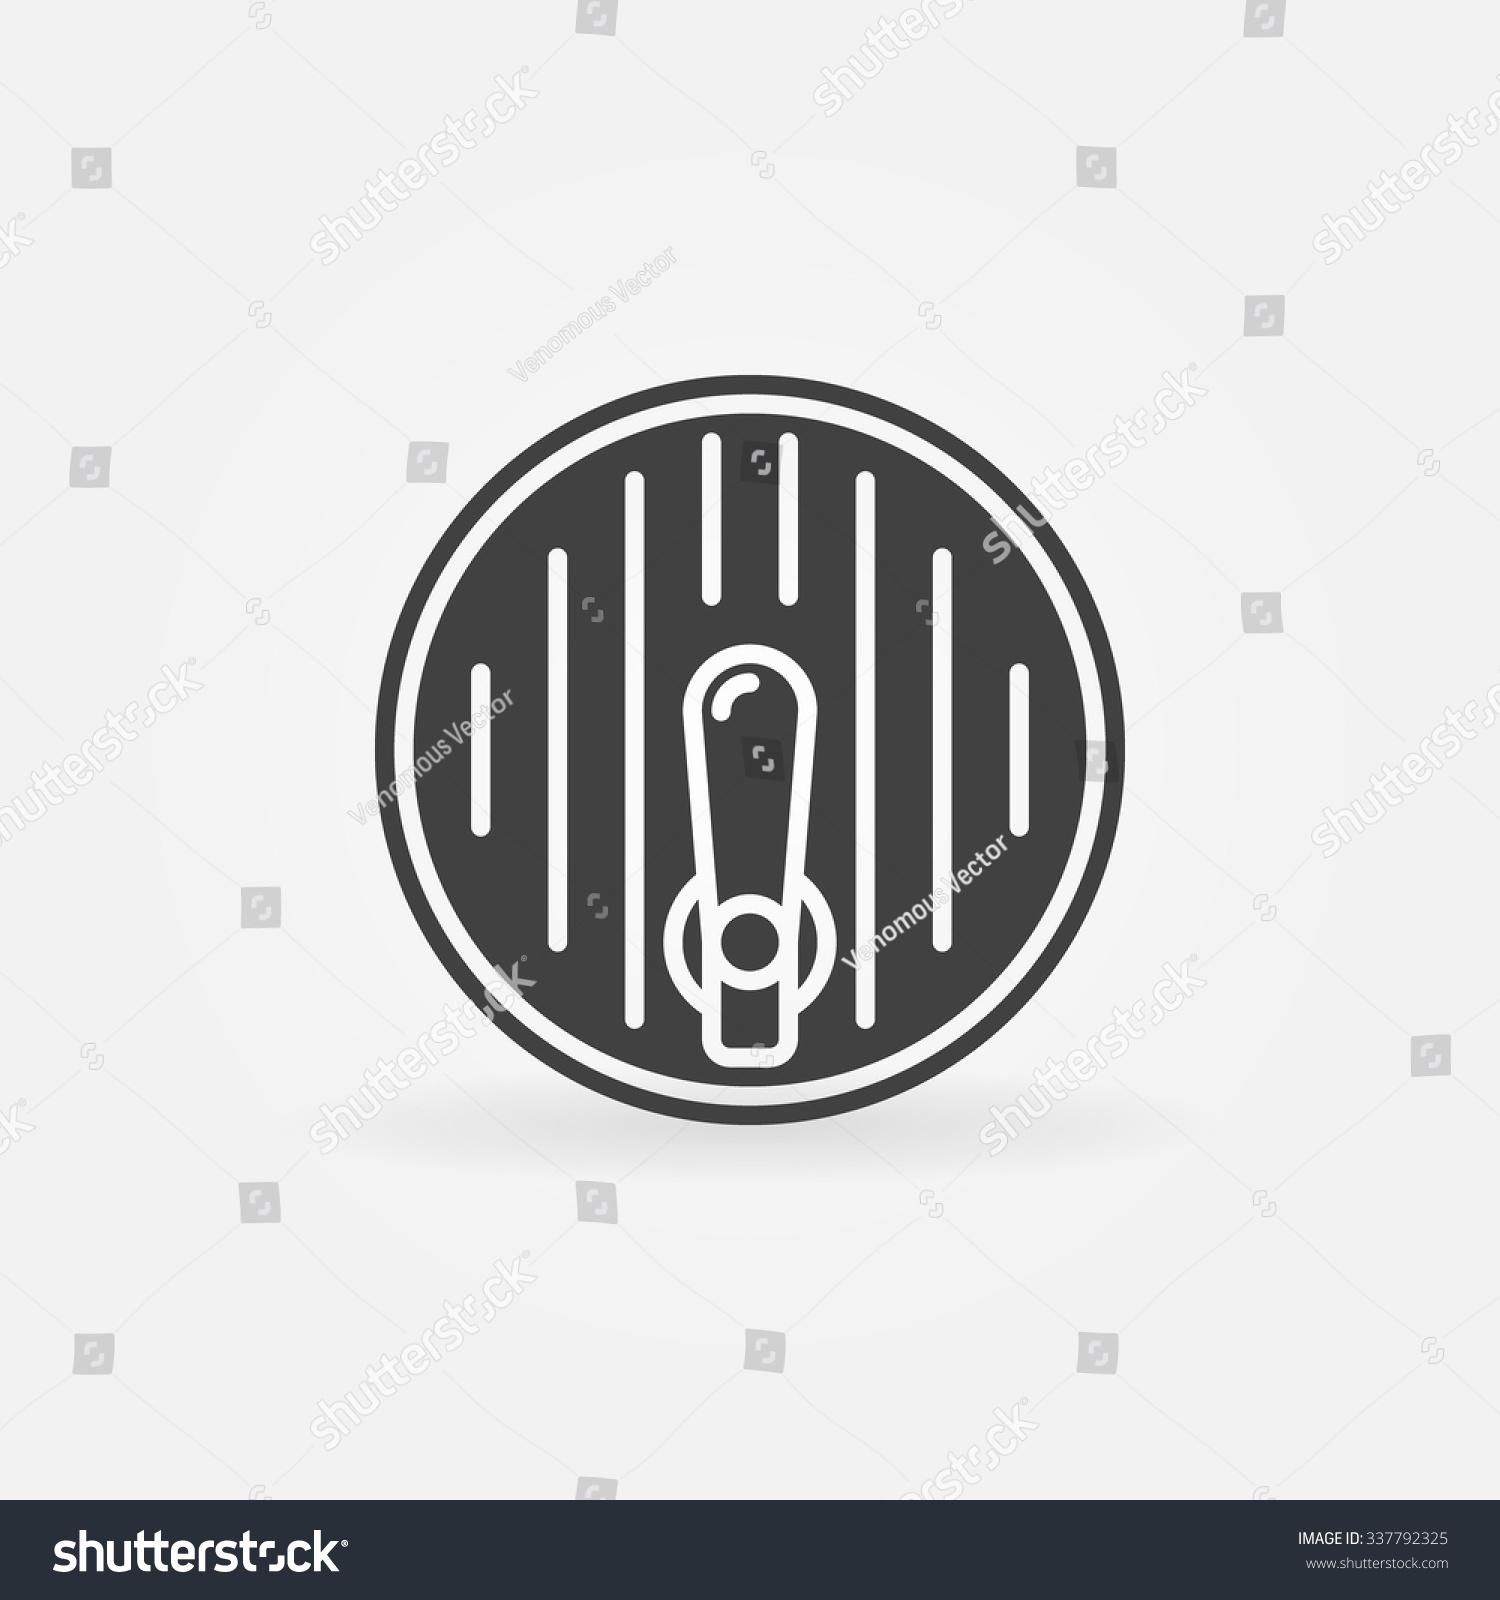 Beer Barrel Beer Tap Icon Vector Stock Vector 337792325 - Shutterstock